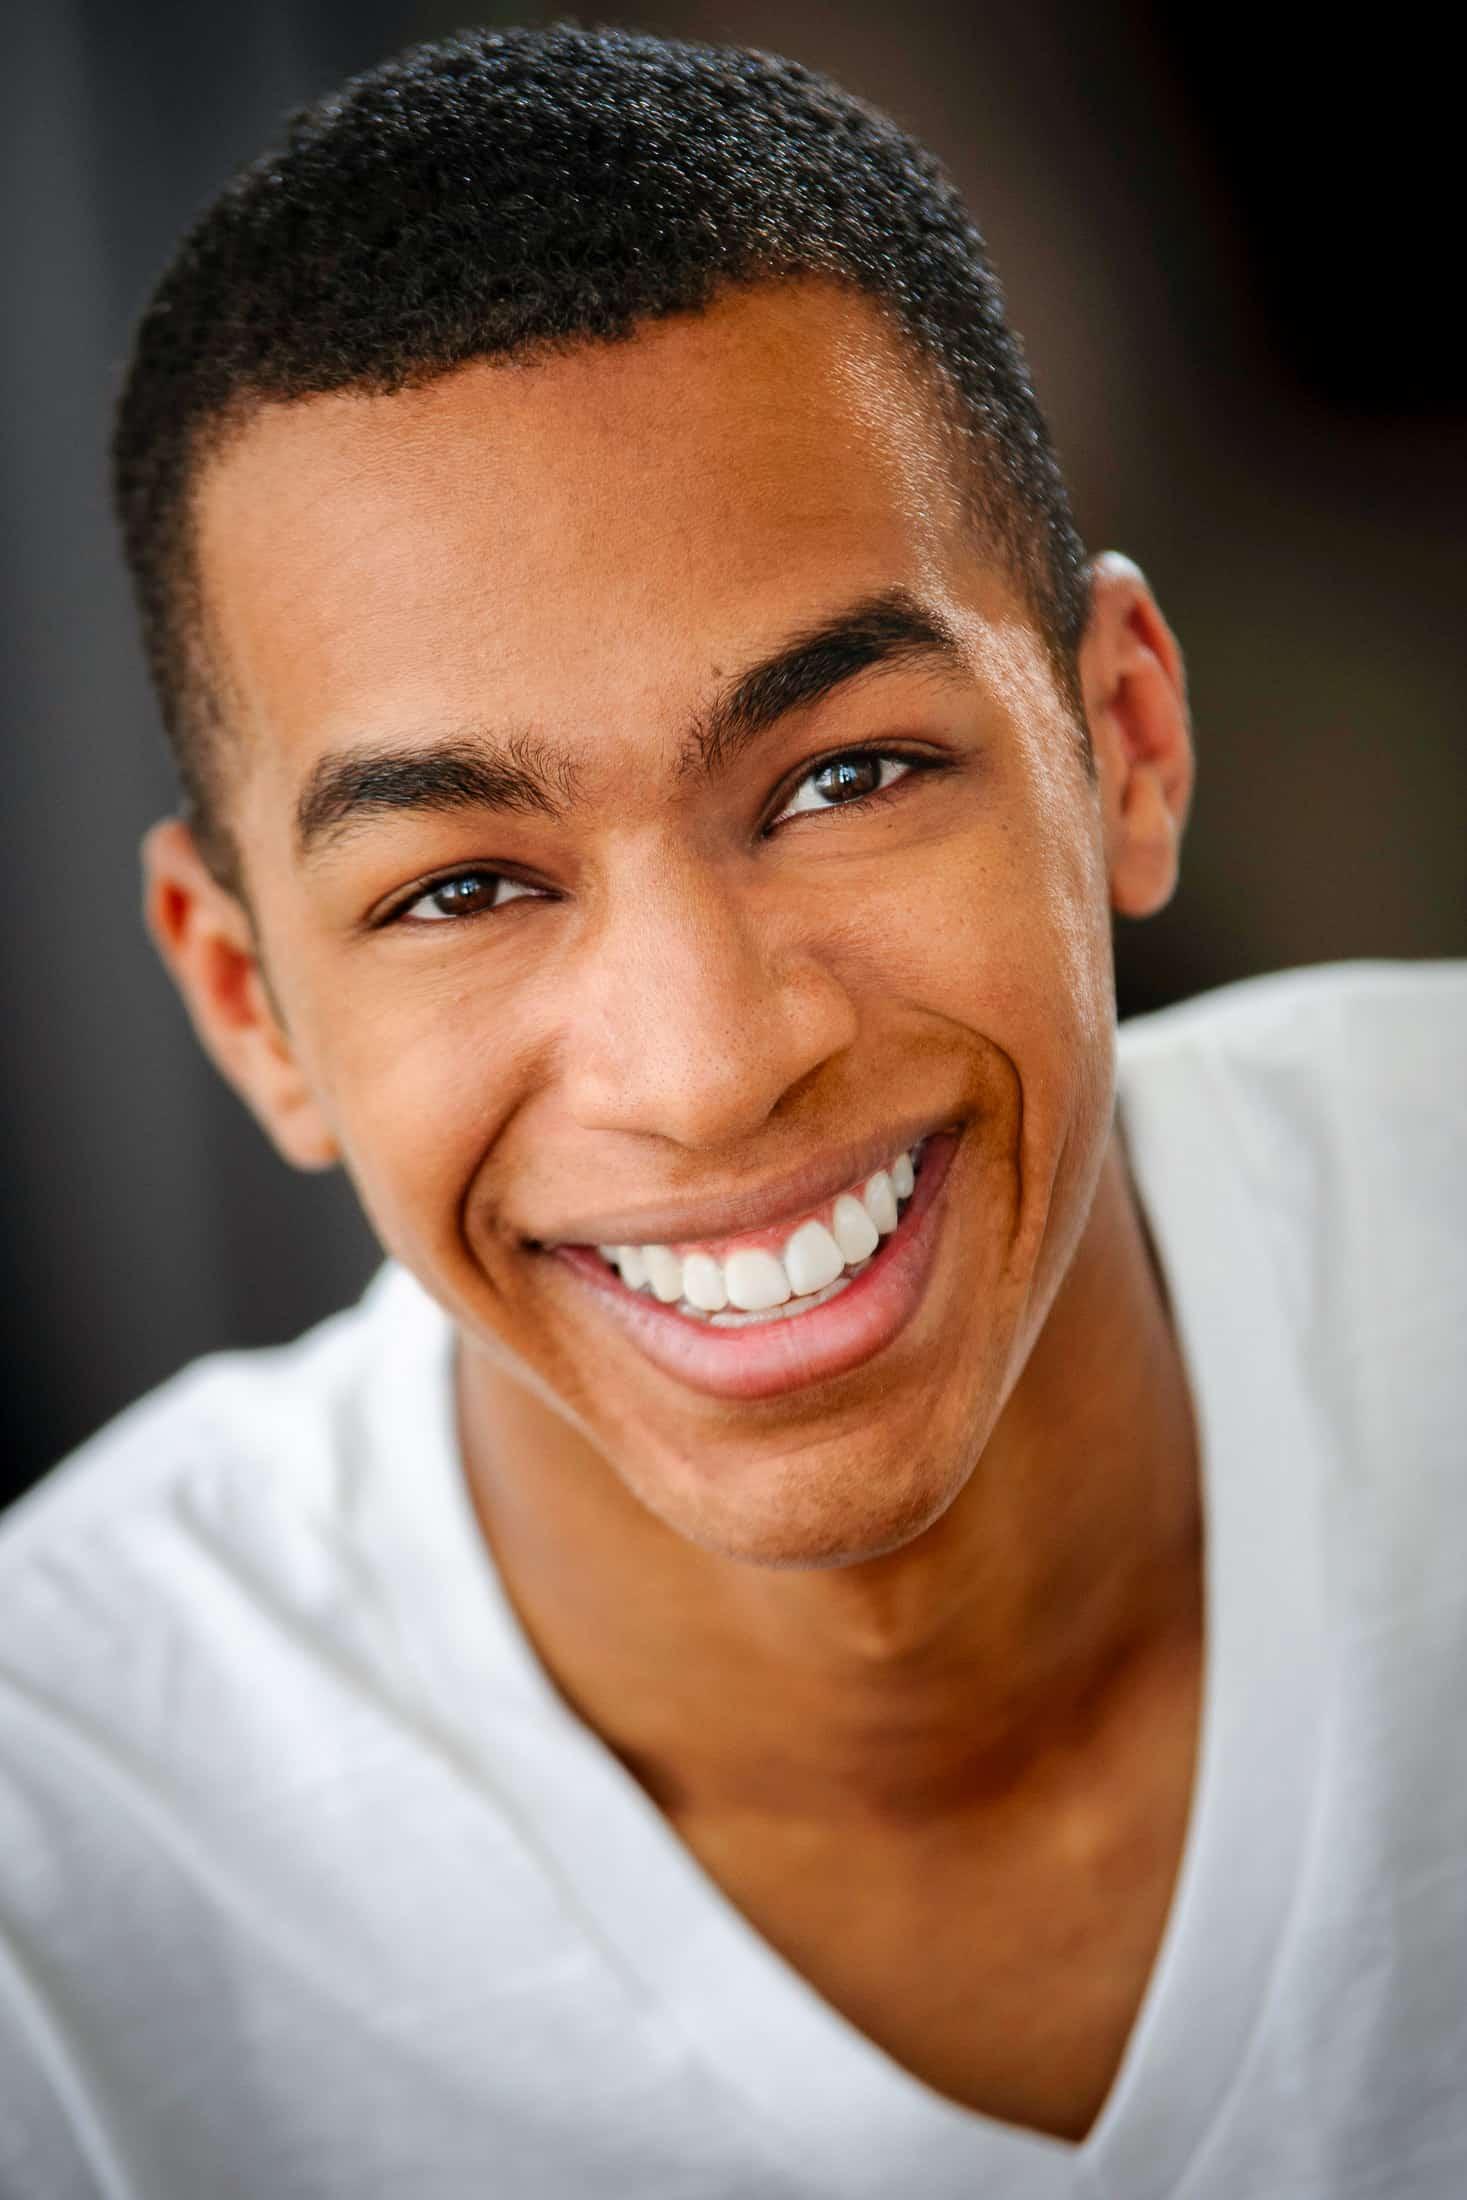 Headshots NYC - Actor Headshots Dorian M